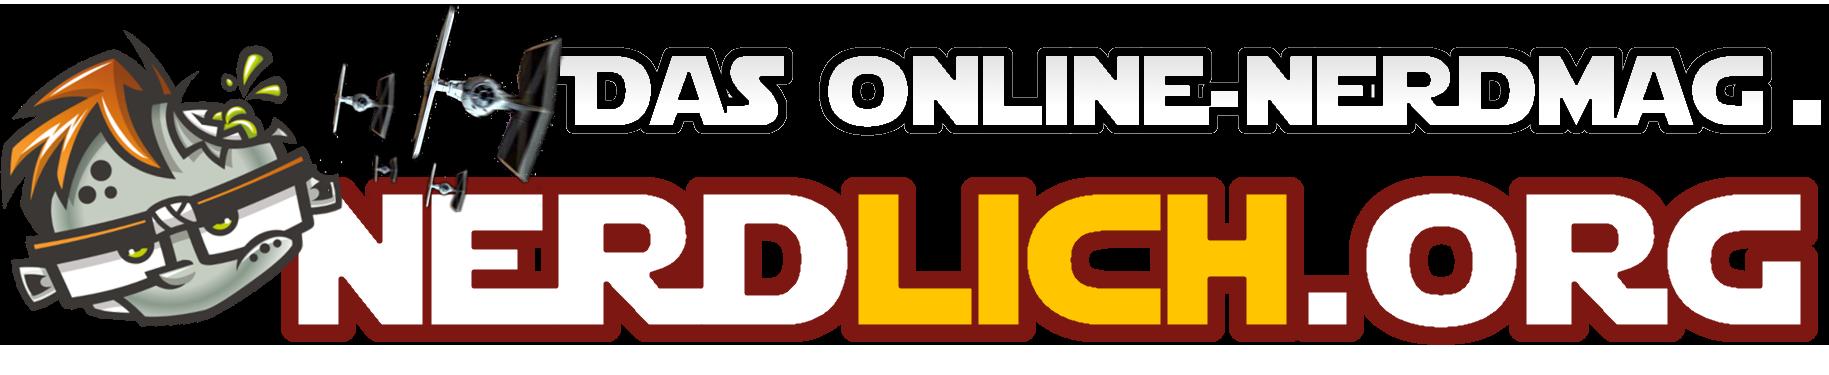 nerdLICH - Das Online-NerdMag.